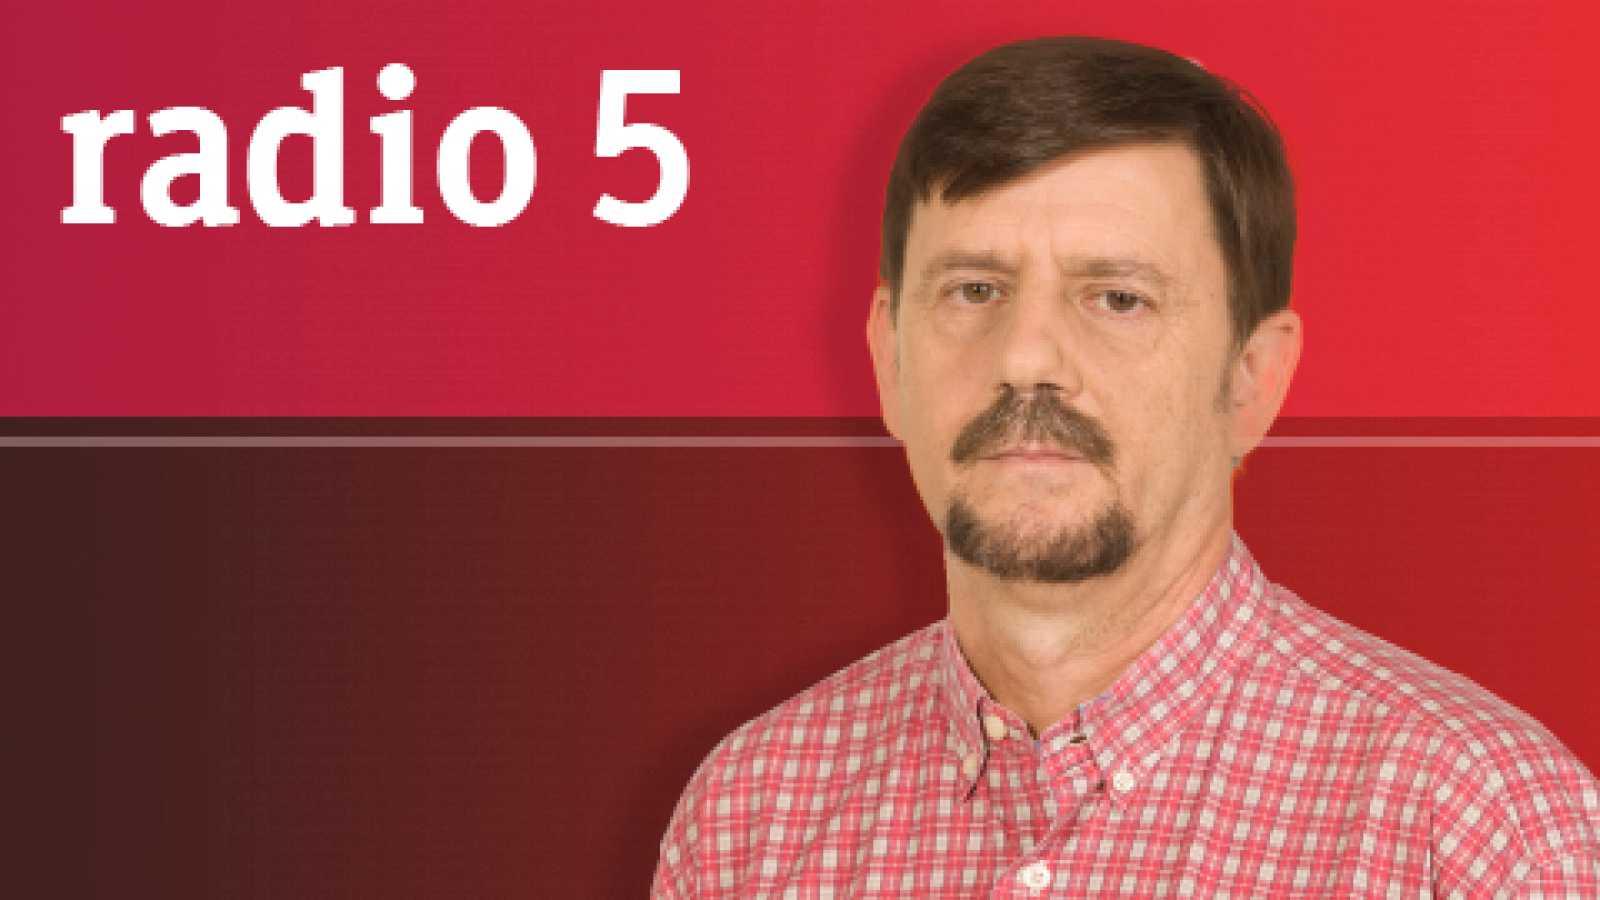 Españoles en la mar en Radio 5 - BREXIT y pesca - 11/03/20 - escuchar ahora